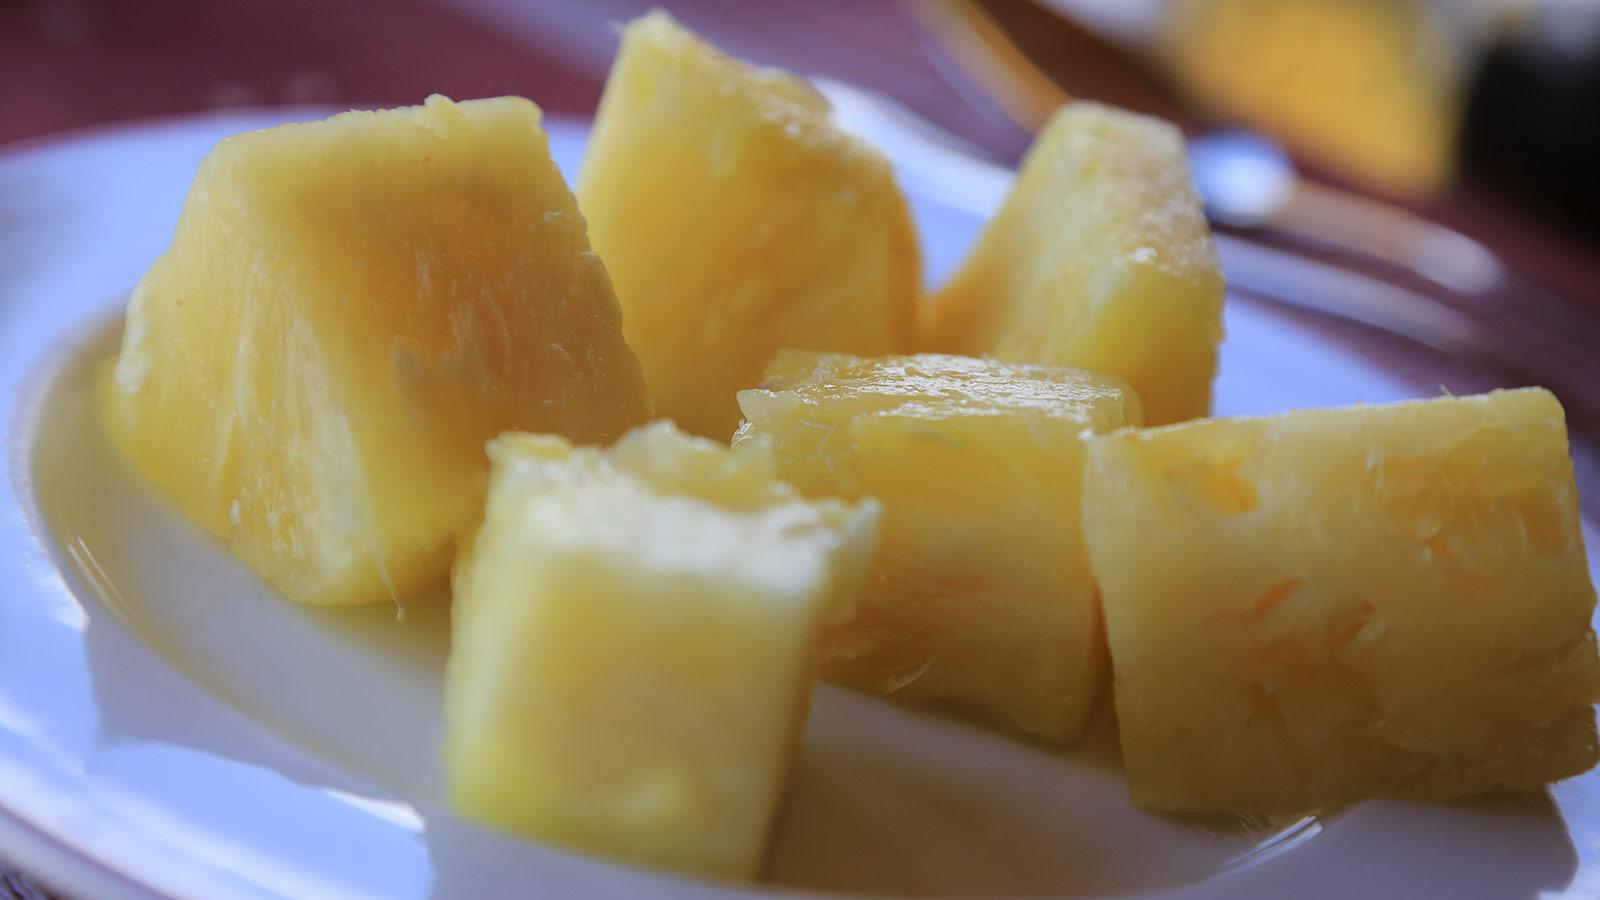 Kenianische Ananas, geschnitten